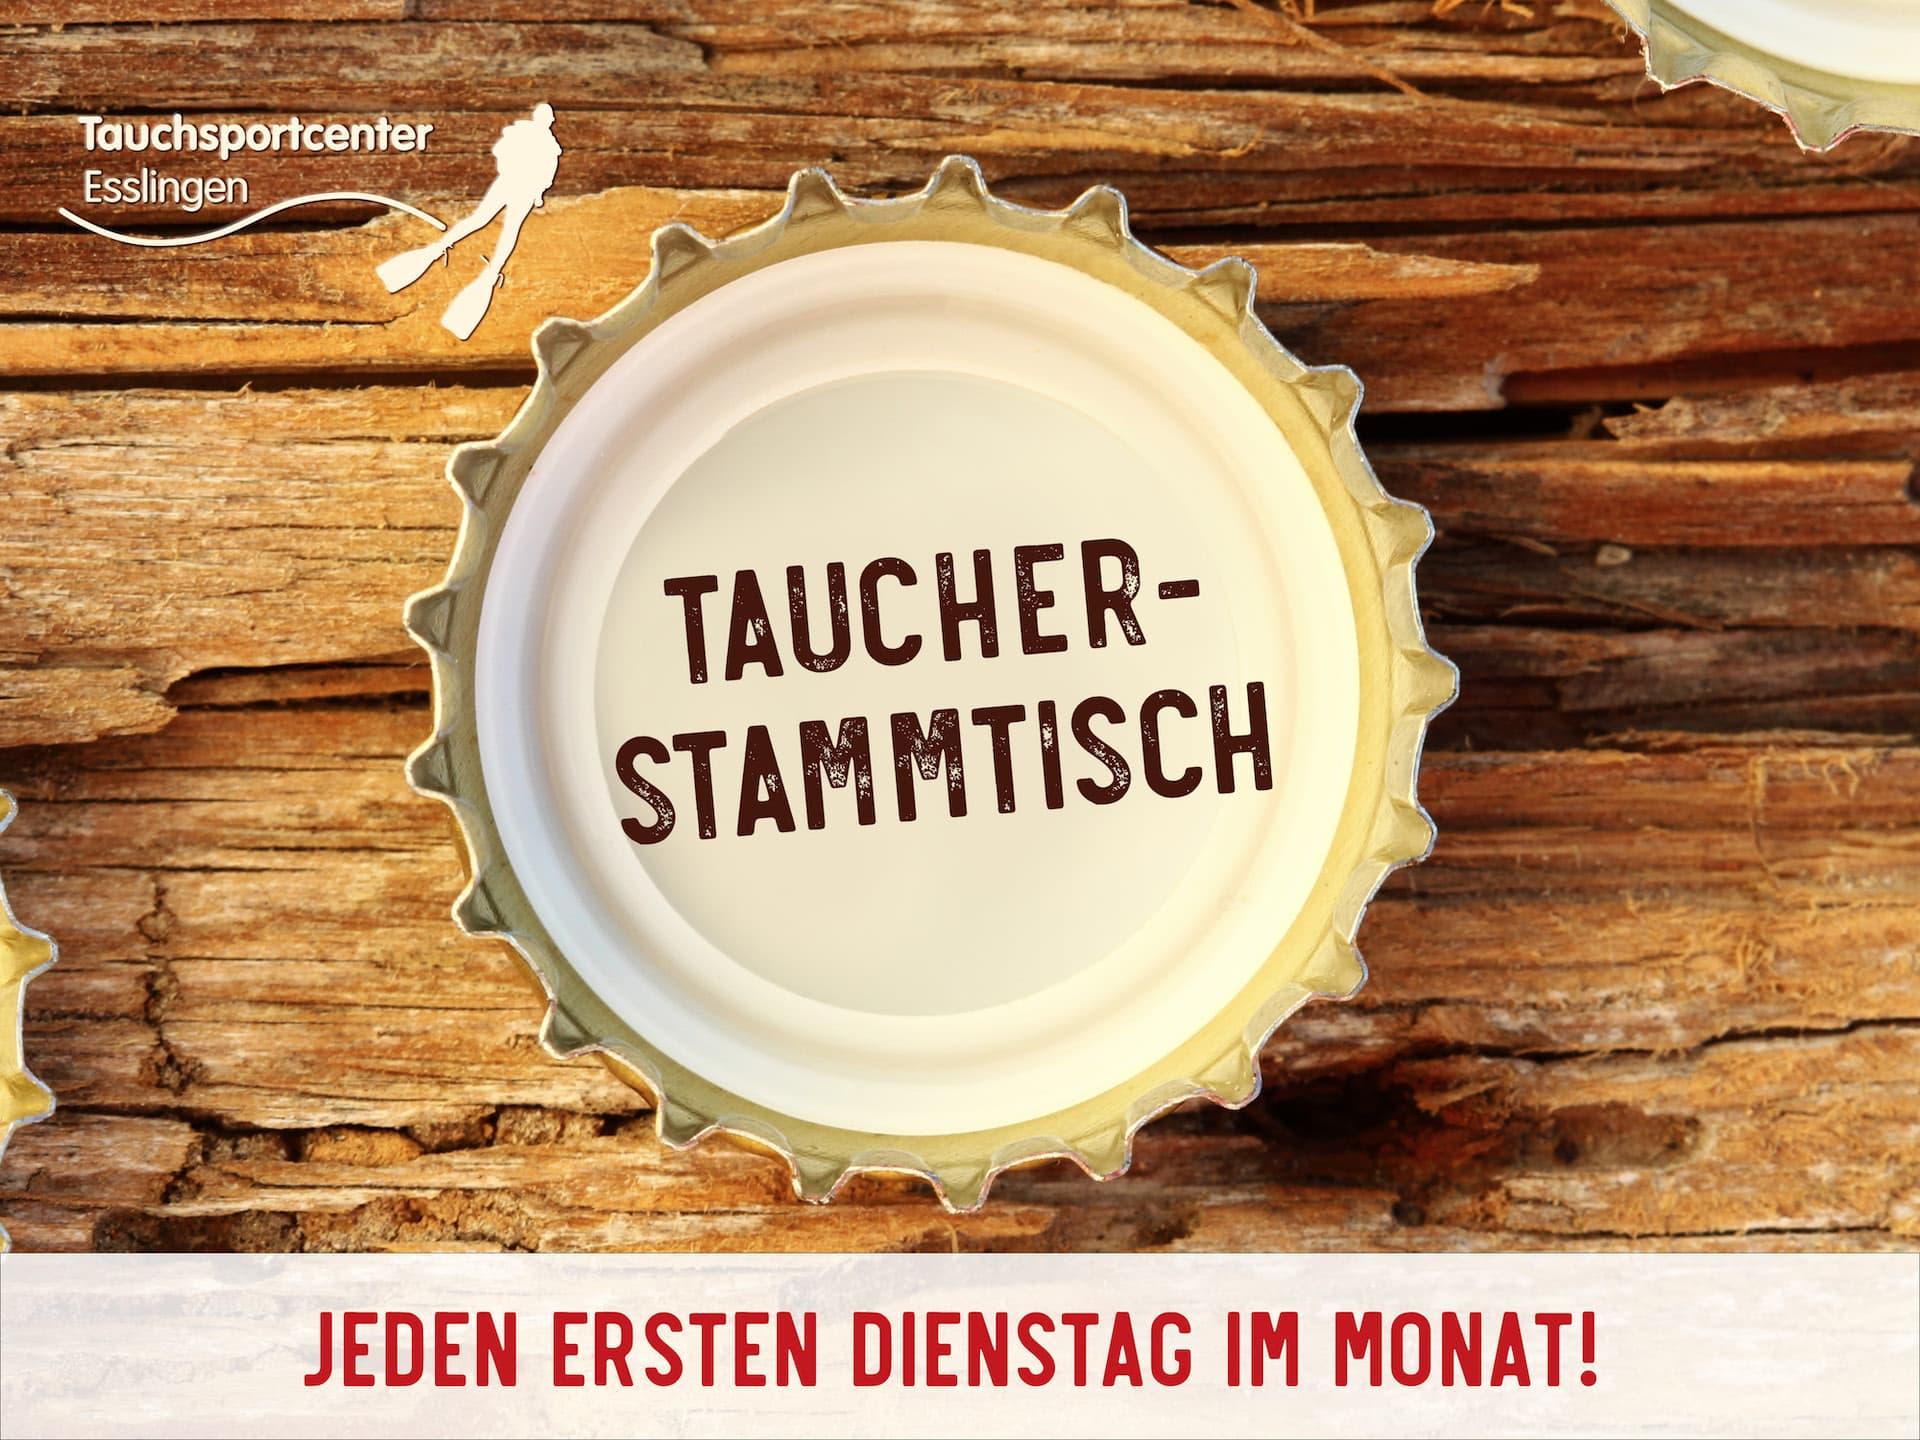 TSC Taucher-Stammtisch